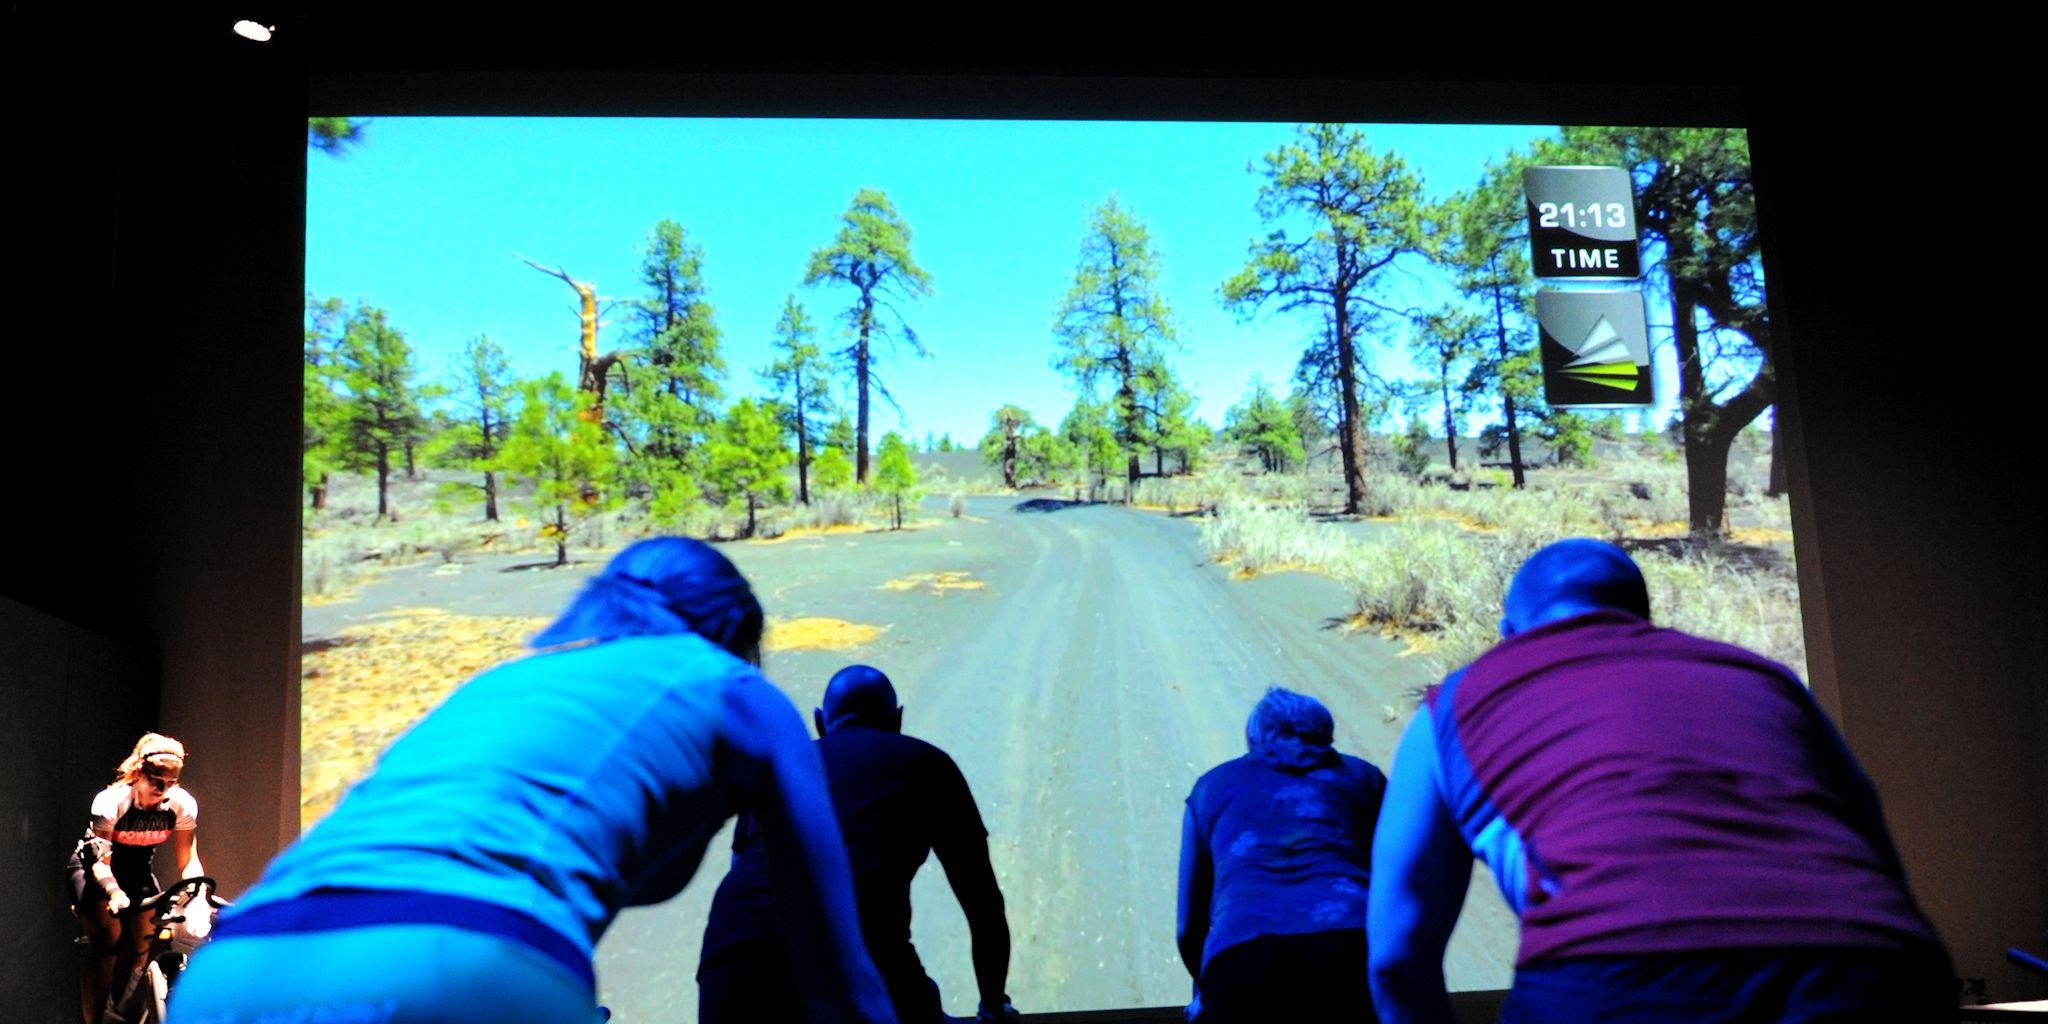 Lesrooster groepslessen Fitness de Bataaf voor VirtualCyling trainingen in Den Haag.